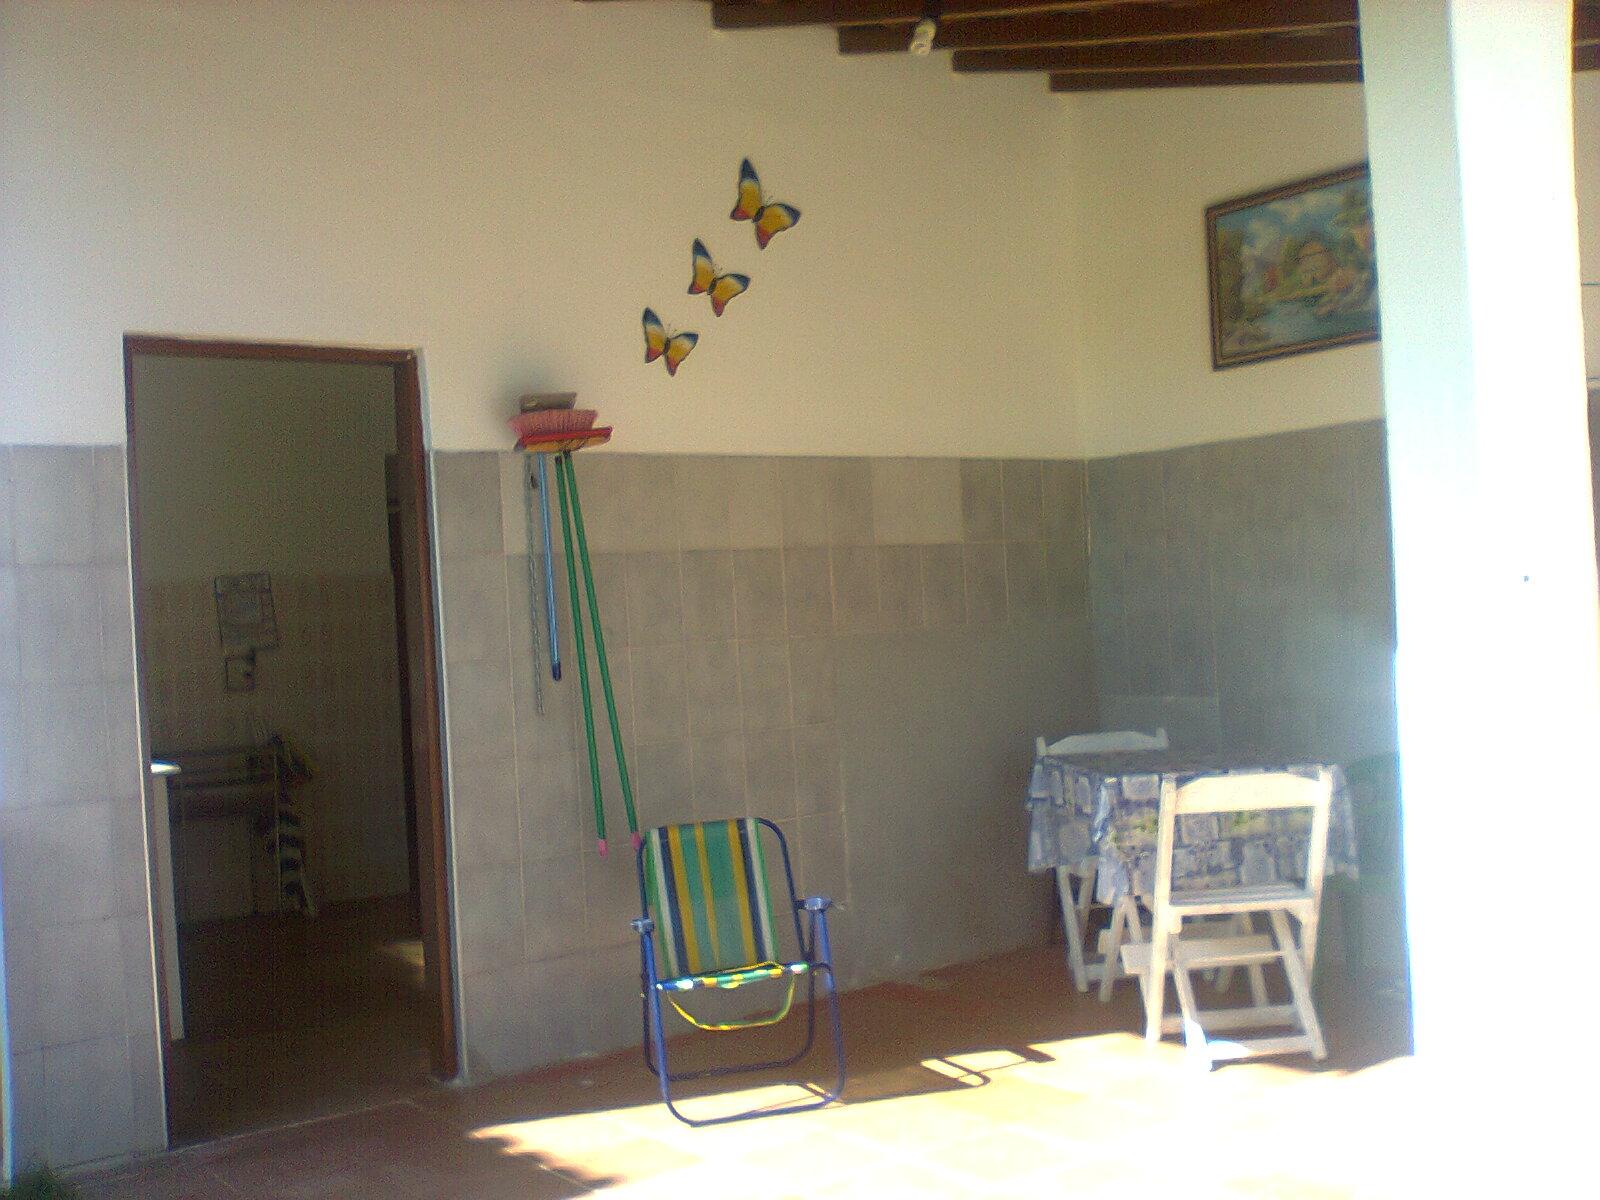 Loca Caraguá: ÓTIMO LOCAL QUARTO E COZINHA 300 METROS DA PRAINHA  #6E7F4C 1600x1200 Banheiro Acessivel Completo